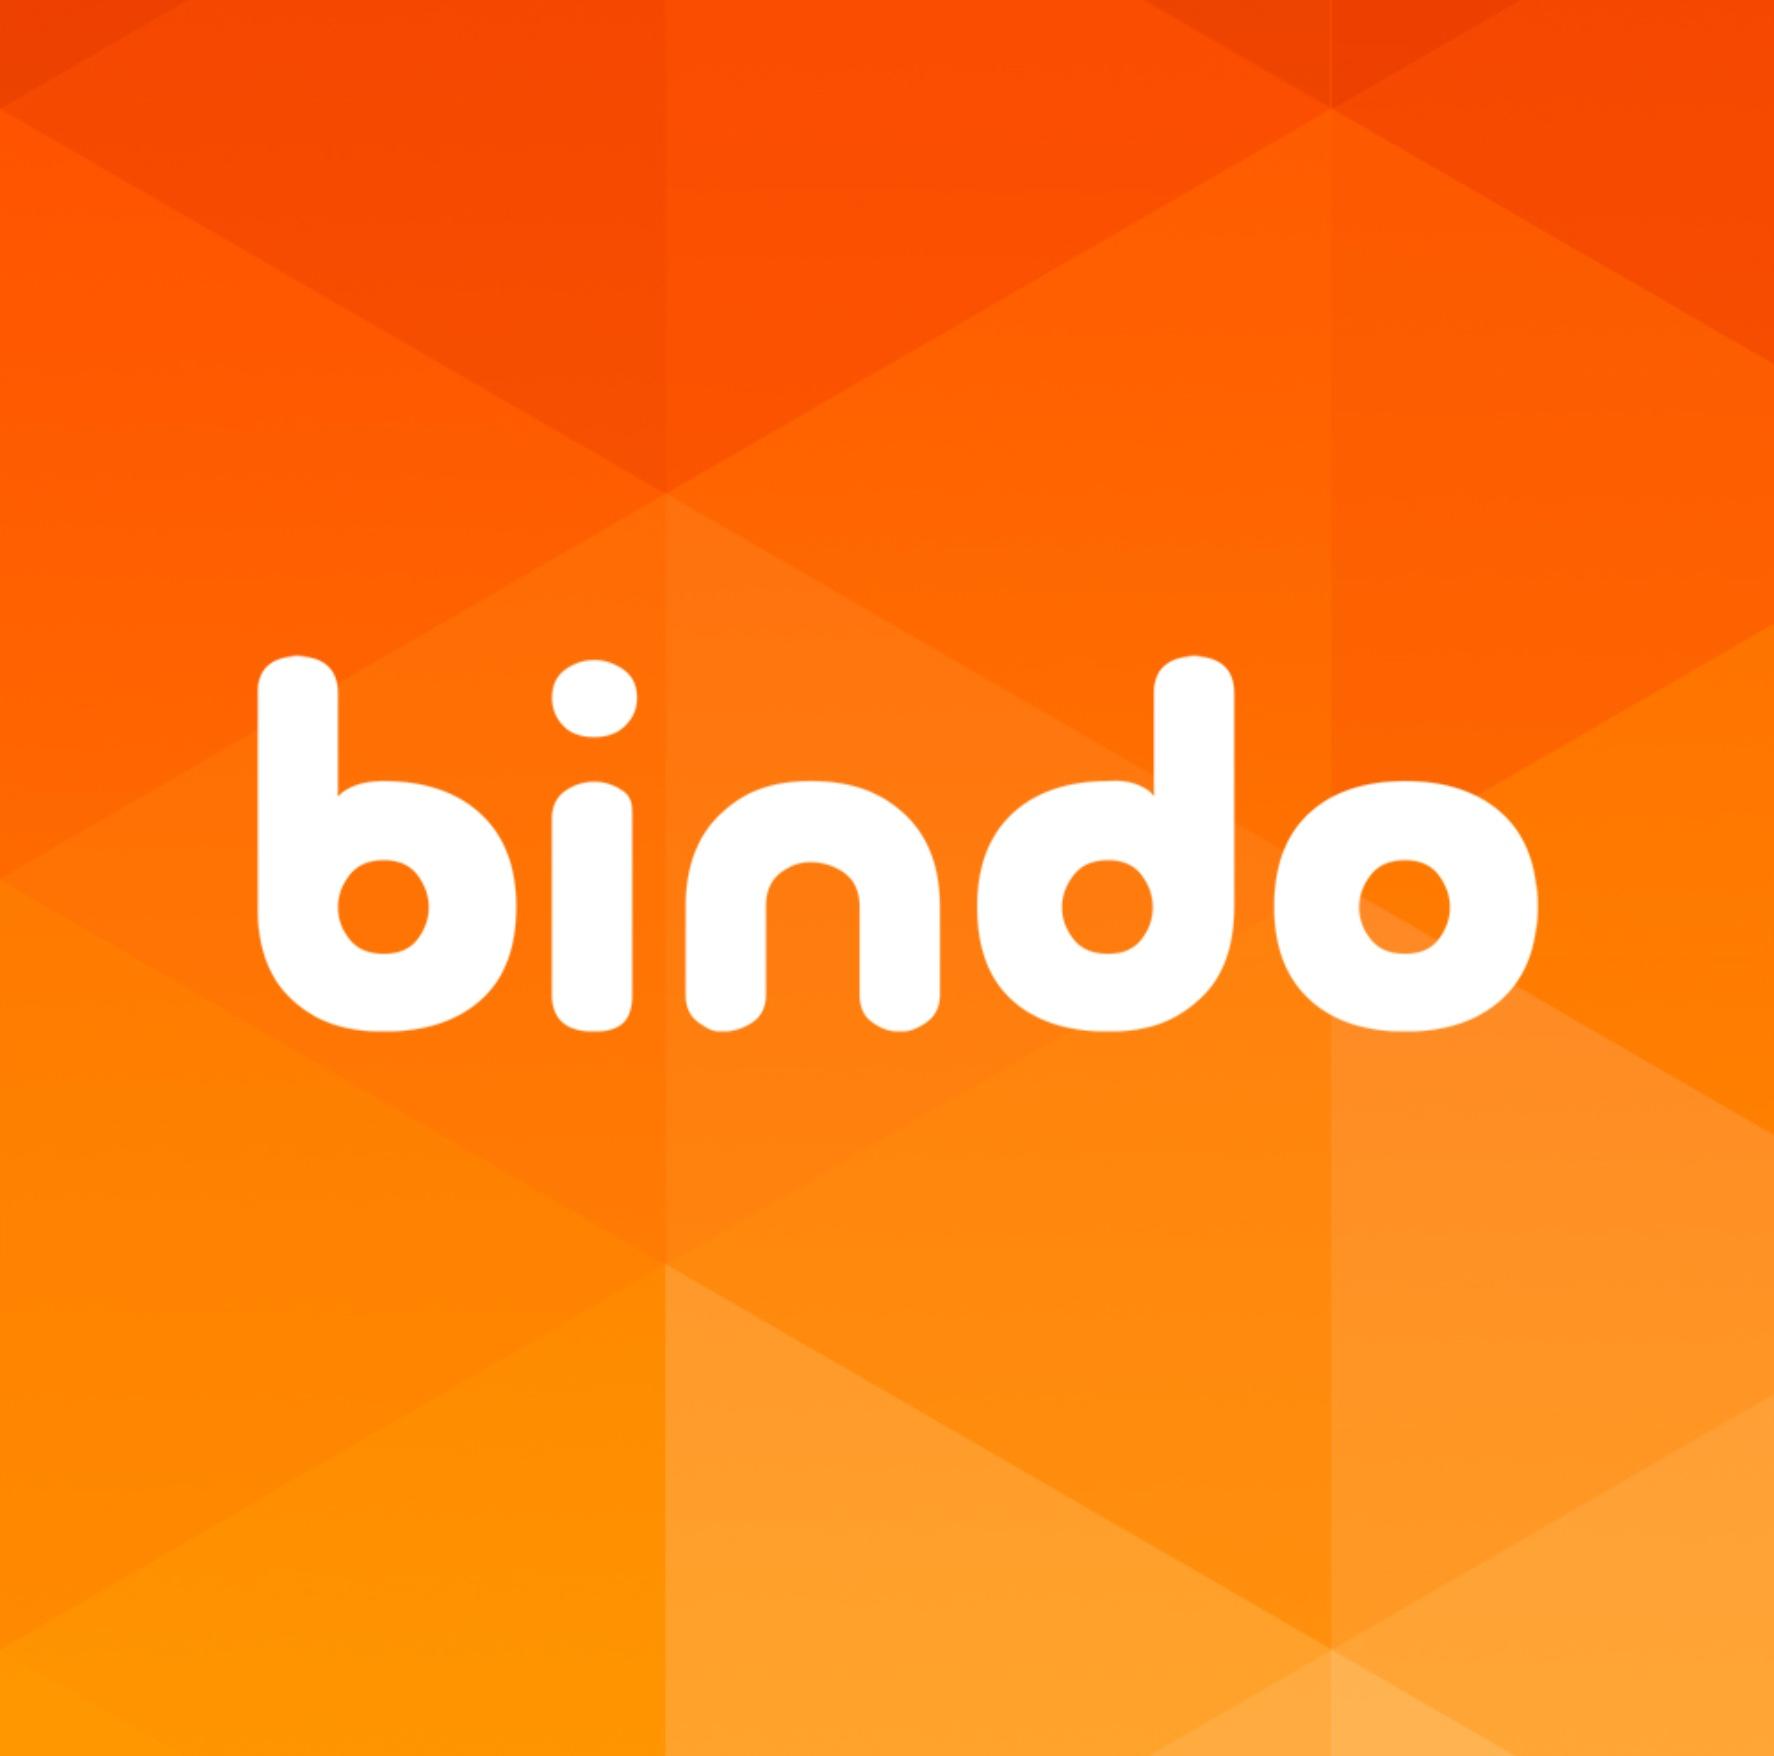 bindo pos reviews